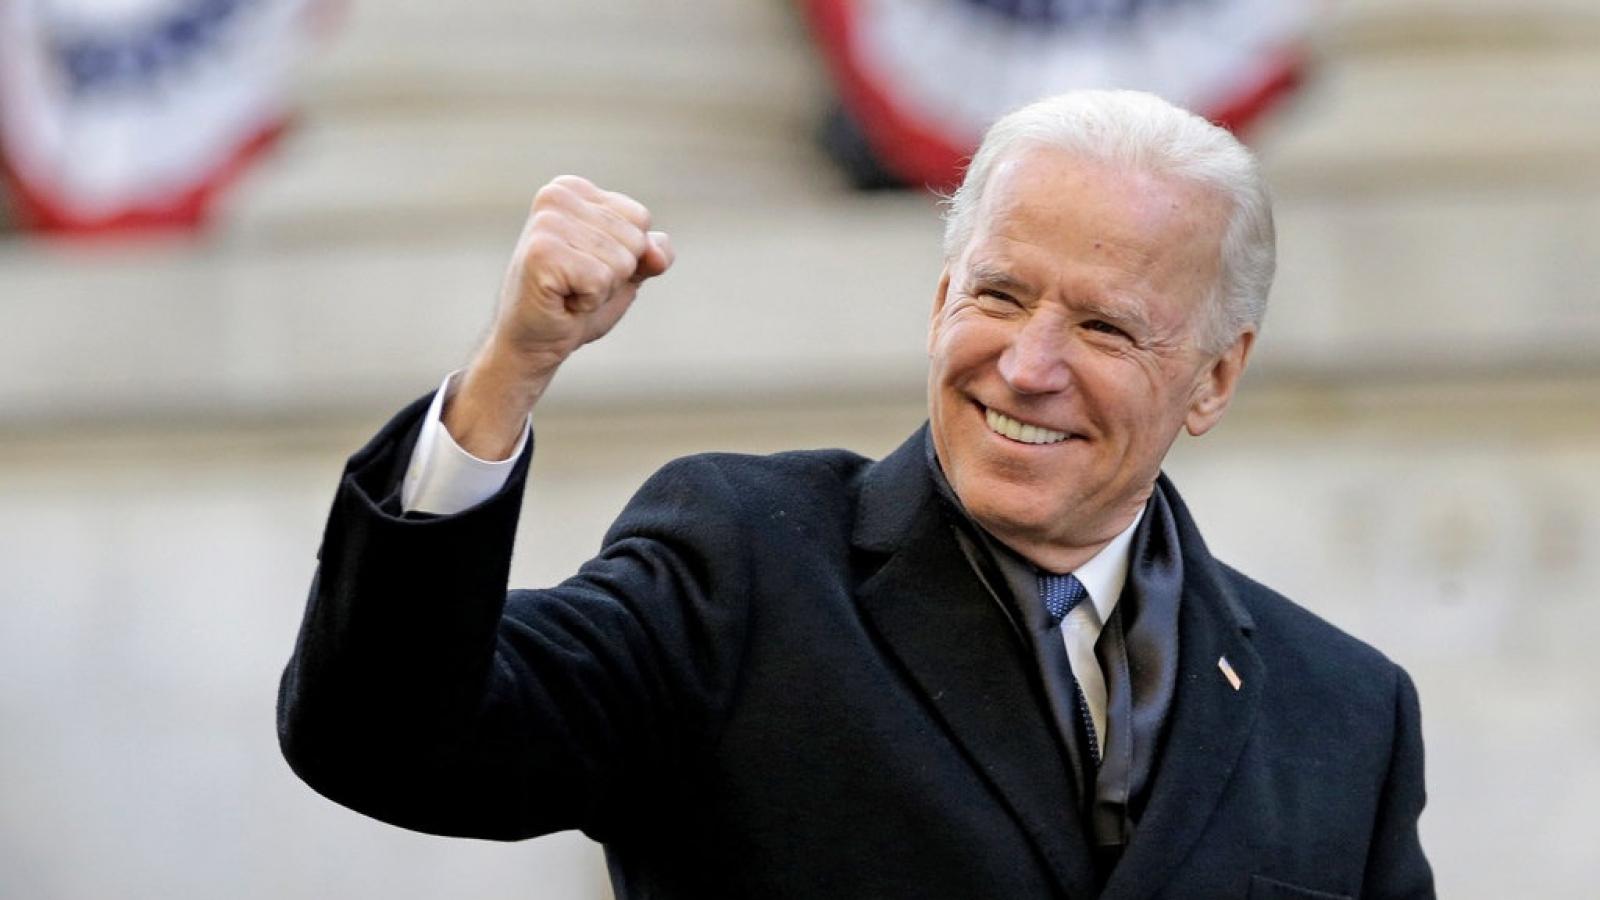 Thành quả đối nội, đối ngoại của Tổng thống Mỹ Biden trong 100 ngày đầu nắm quyền